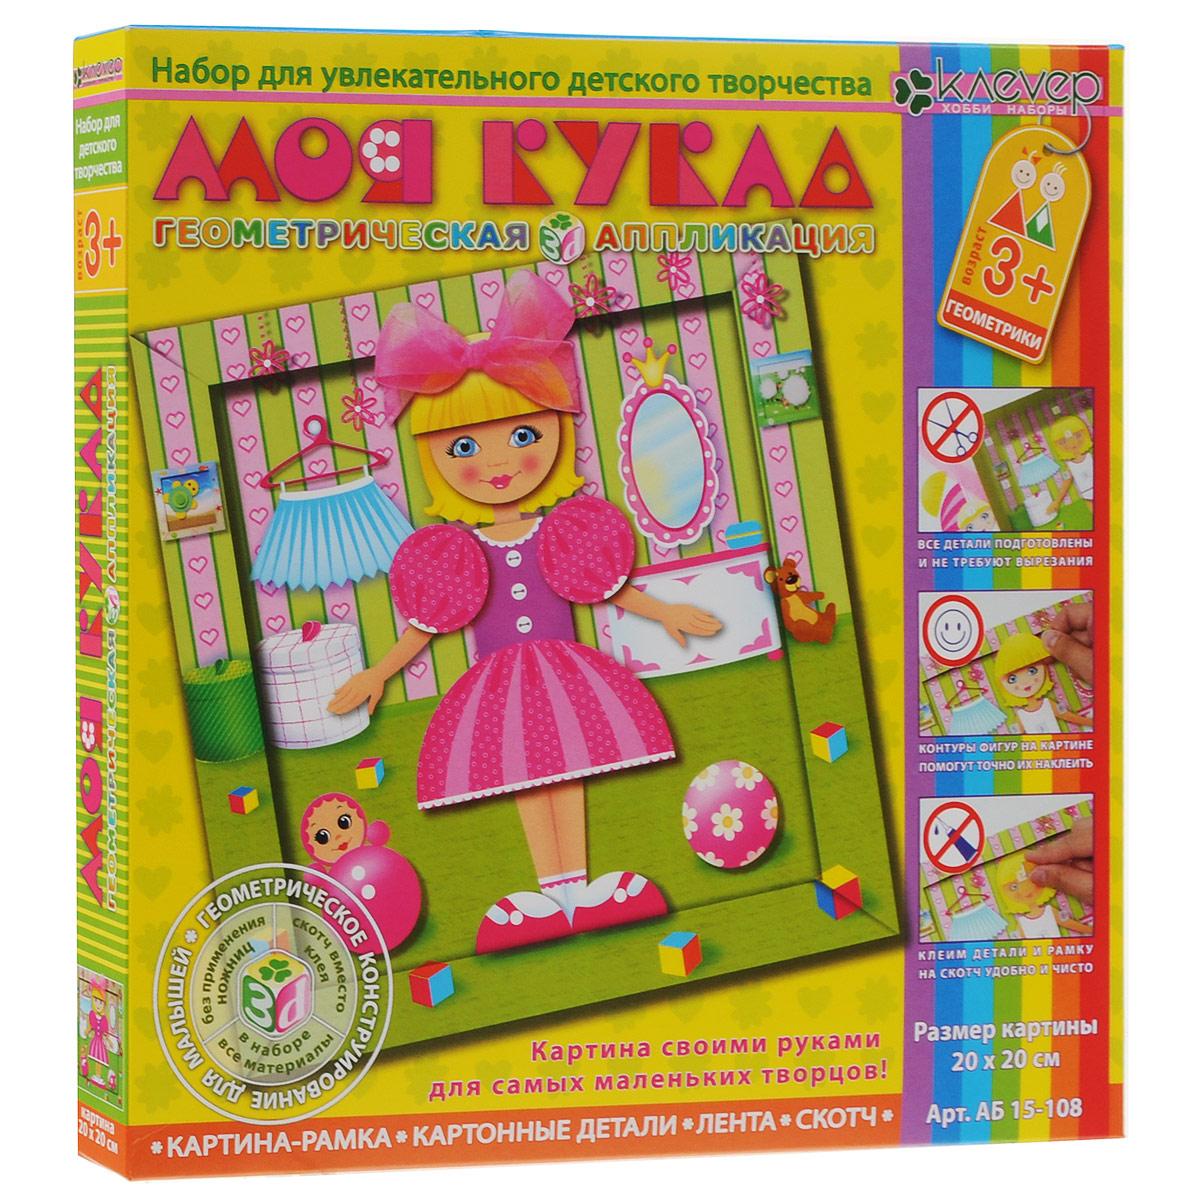 """Набор для создания геометрической аппликации """"Моя кукла"""" позволит вашему малышу своими руками создать яркую картину с изображением очаровательной куколки в кукольном домике. Набор включает в себя готовые детали из картона, капроновую ленту, картонную подставку и двусторонний объемный и тонкий скотч. Все детали подготовлены и не требуют вырезания. Инструкция расположена на тыльной стороне упаковки. Набор является не только замечательным подарком, но и увлекательным методическим пособием, развивающим способности ребенка младшего дошкольного возраста. Конструирование из бумаги помогает развивать пространственное воображение, совершенствует моторику, тренирует речь, память, внимательность и аккуратность. Несложный и веселый творческий процесс непременно подарит ребенку массу удовольствия. А готовая картина с изображением трогательной куклы с бантиком украсит интерьер детской комнаты, а также станет предметом гордости малыша. Благодаря наборам из серии..."""